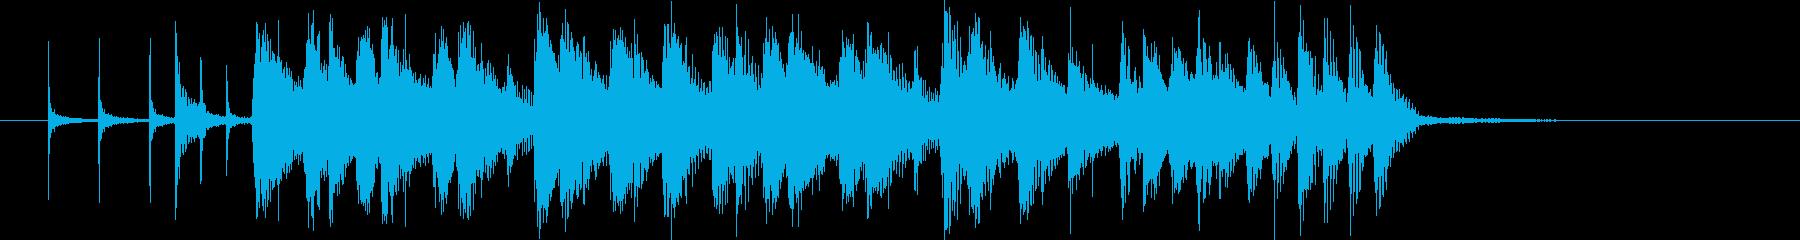 悠長で軽快なシンセポップジングルの再生済みの波形